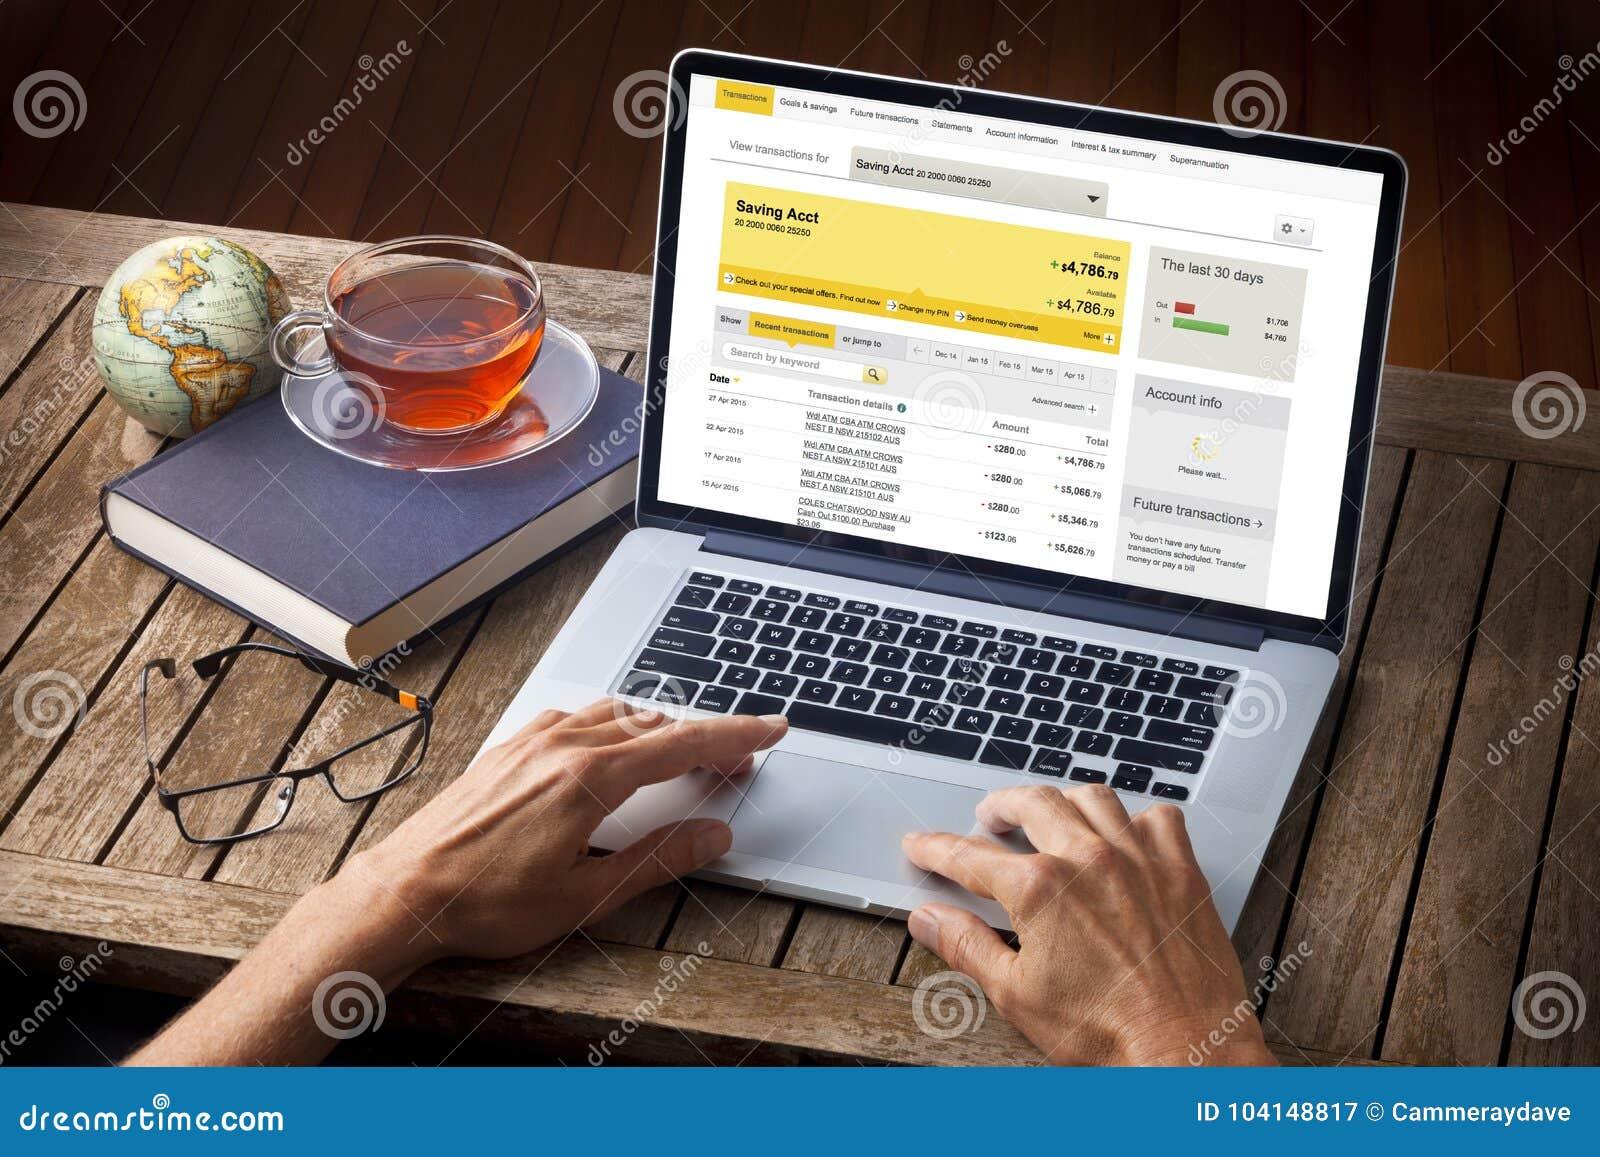 Bureau de compte d épargne d épargnes d ordinateur